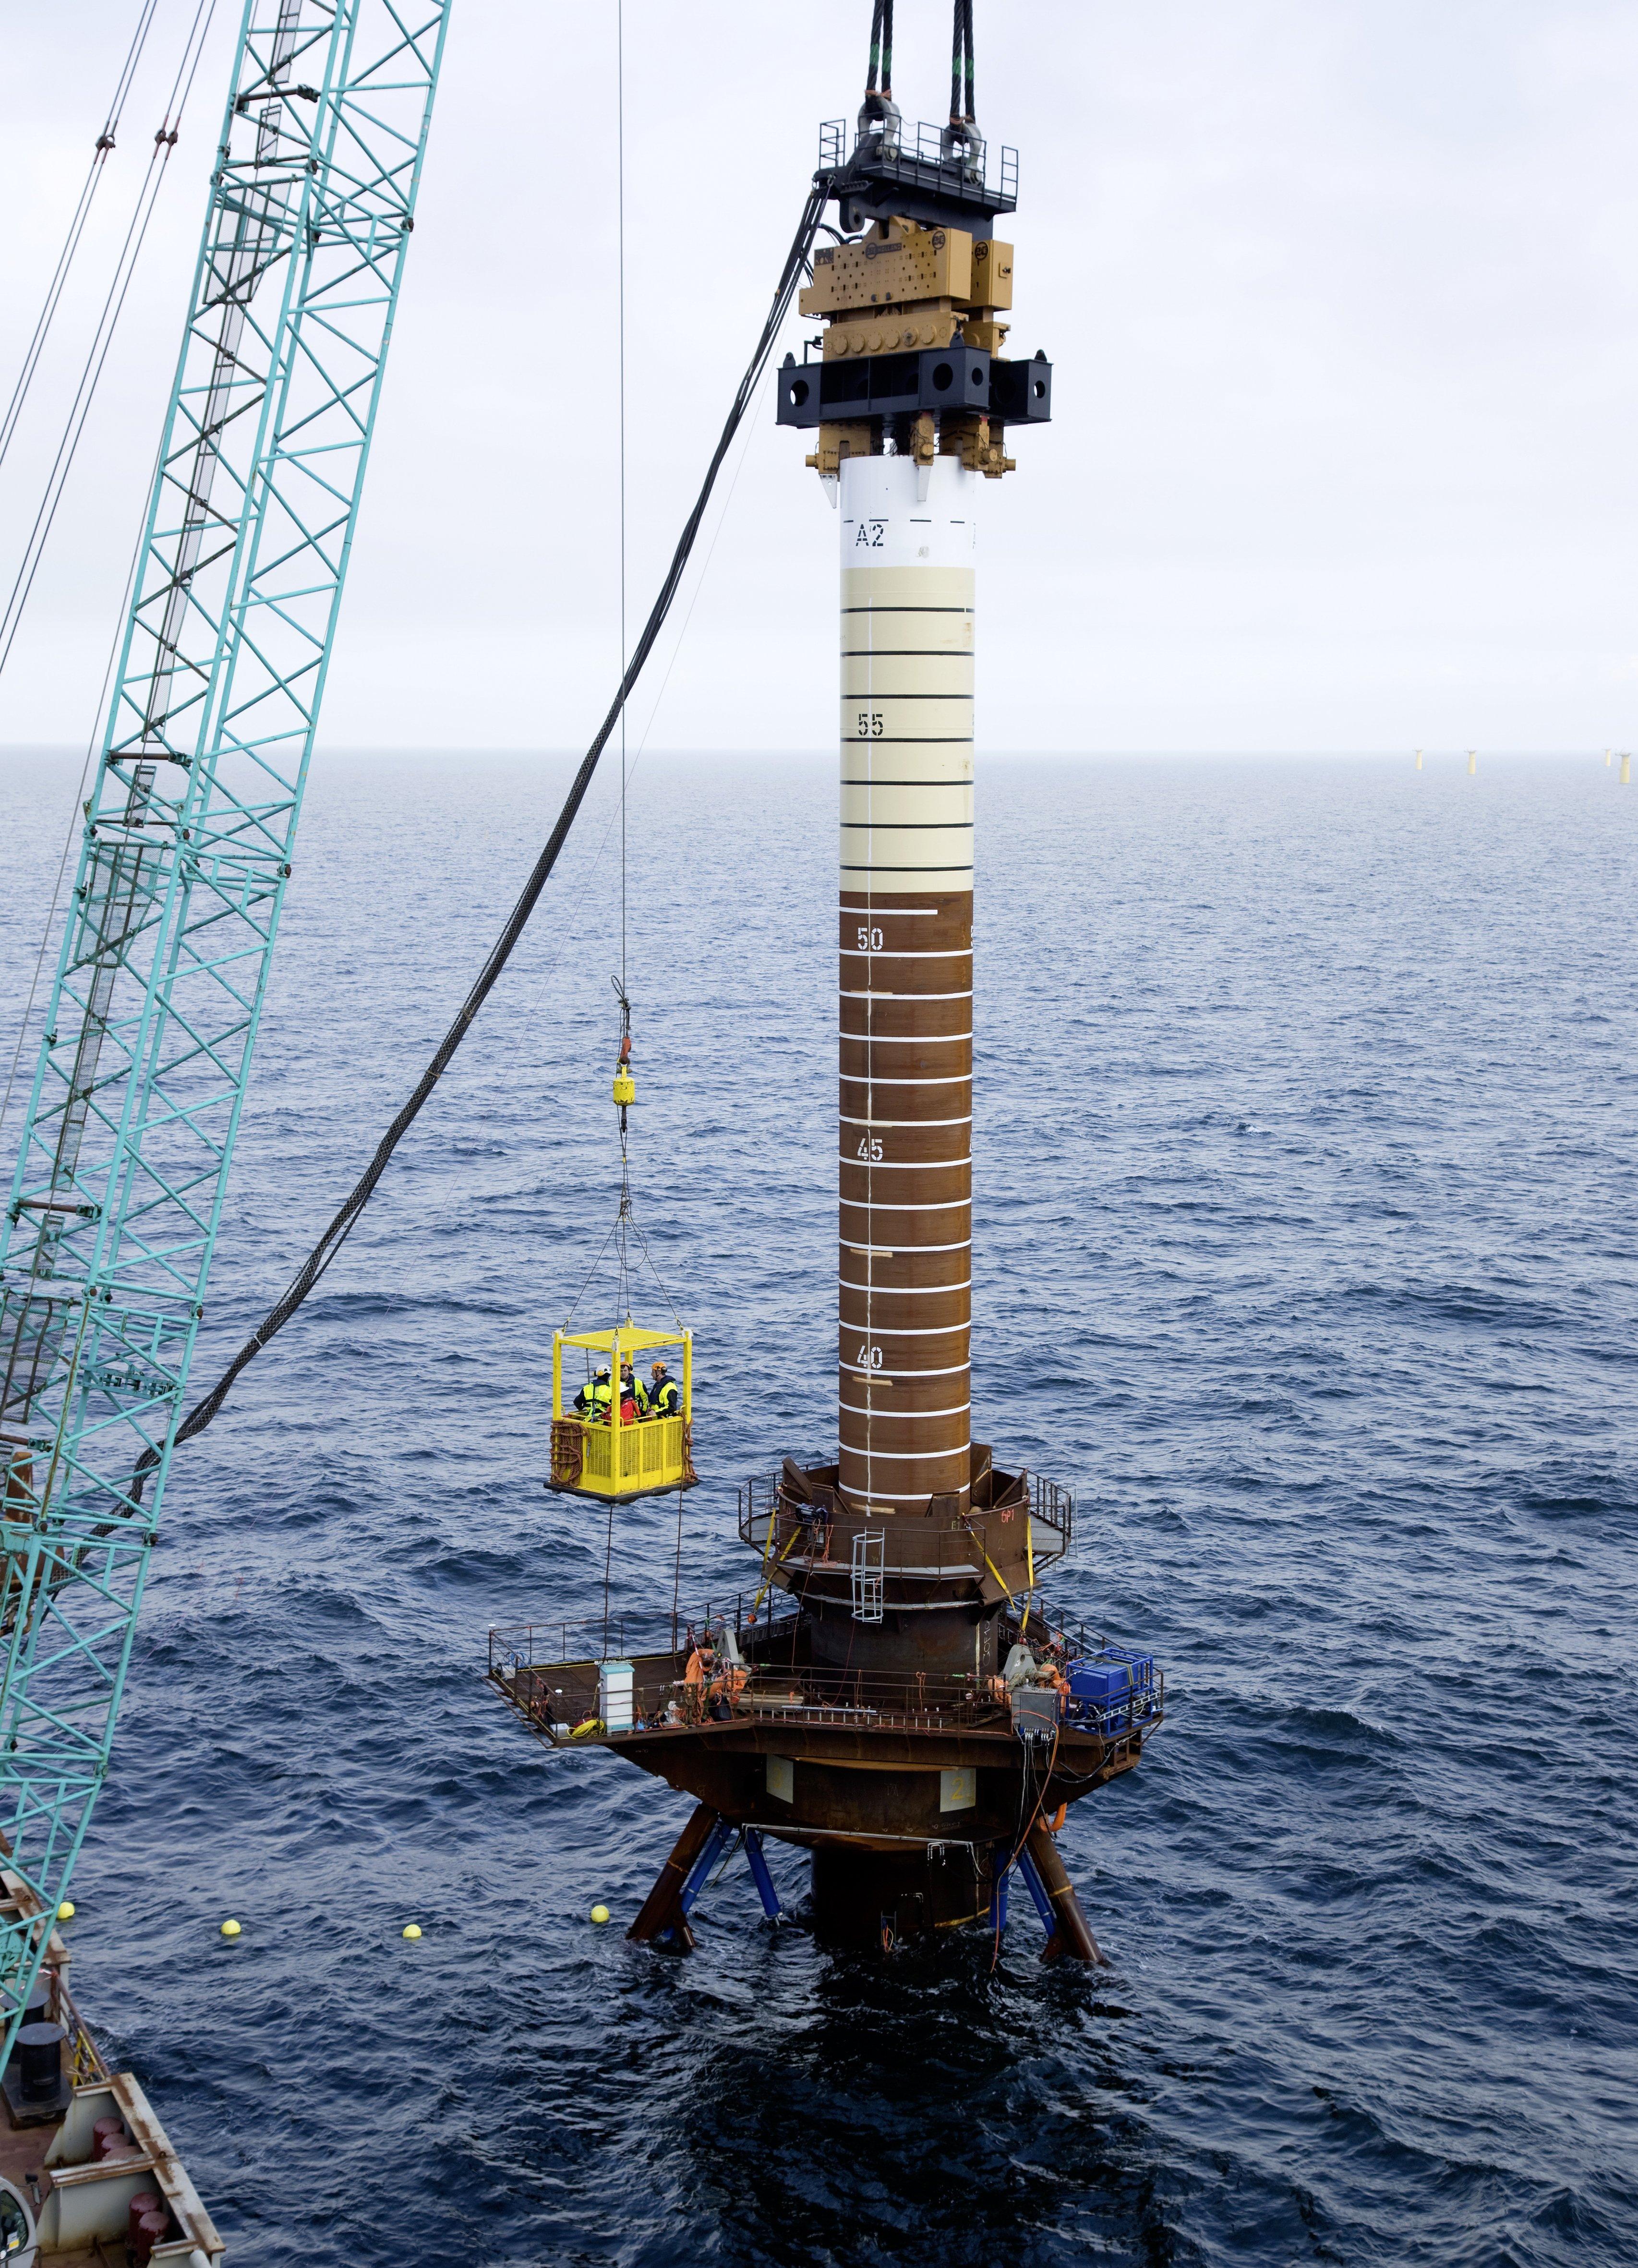 Am Installationsort, 20 Kilometer nordwestlich der Küste Helgolands, werden die Stahlpfeiler im Meeresboden verankert. Mit ihrer Länge von bis zu 100 Metern sind sie so groß wie das Londoner Wahrzeichen Big Ben und stellen sicher, dass die Plattform fest verankert ist.